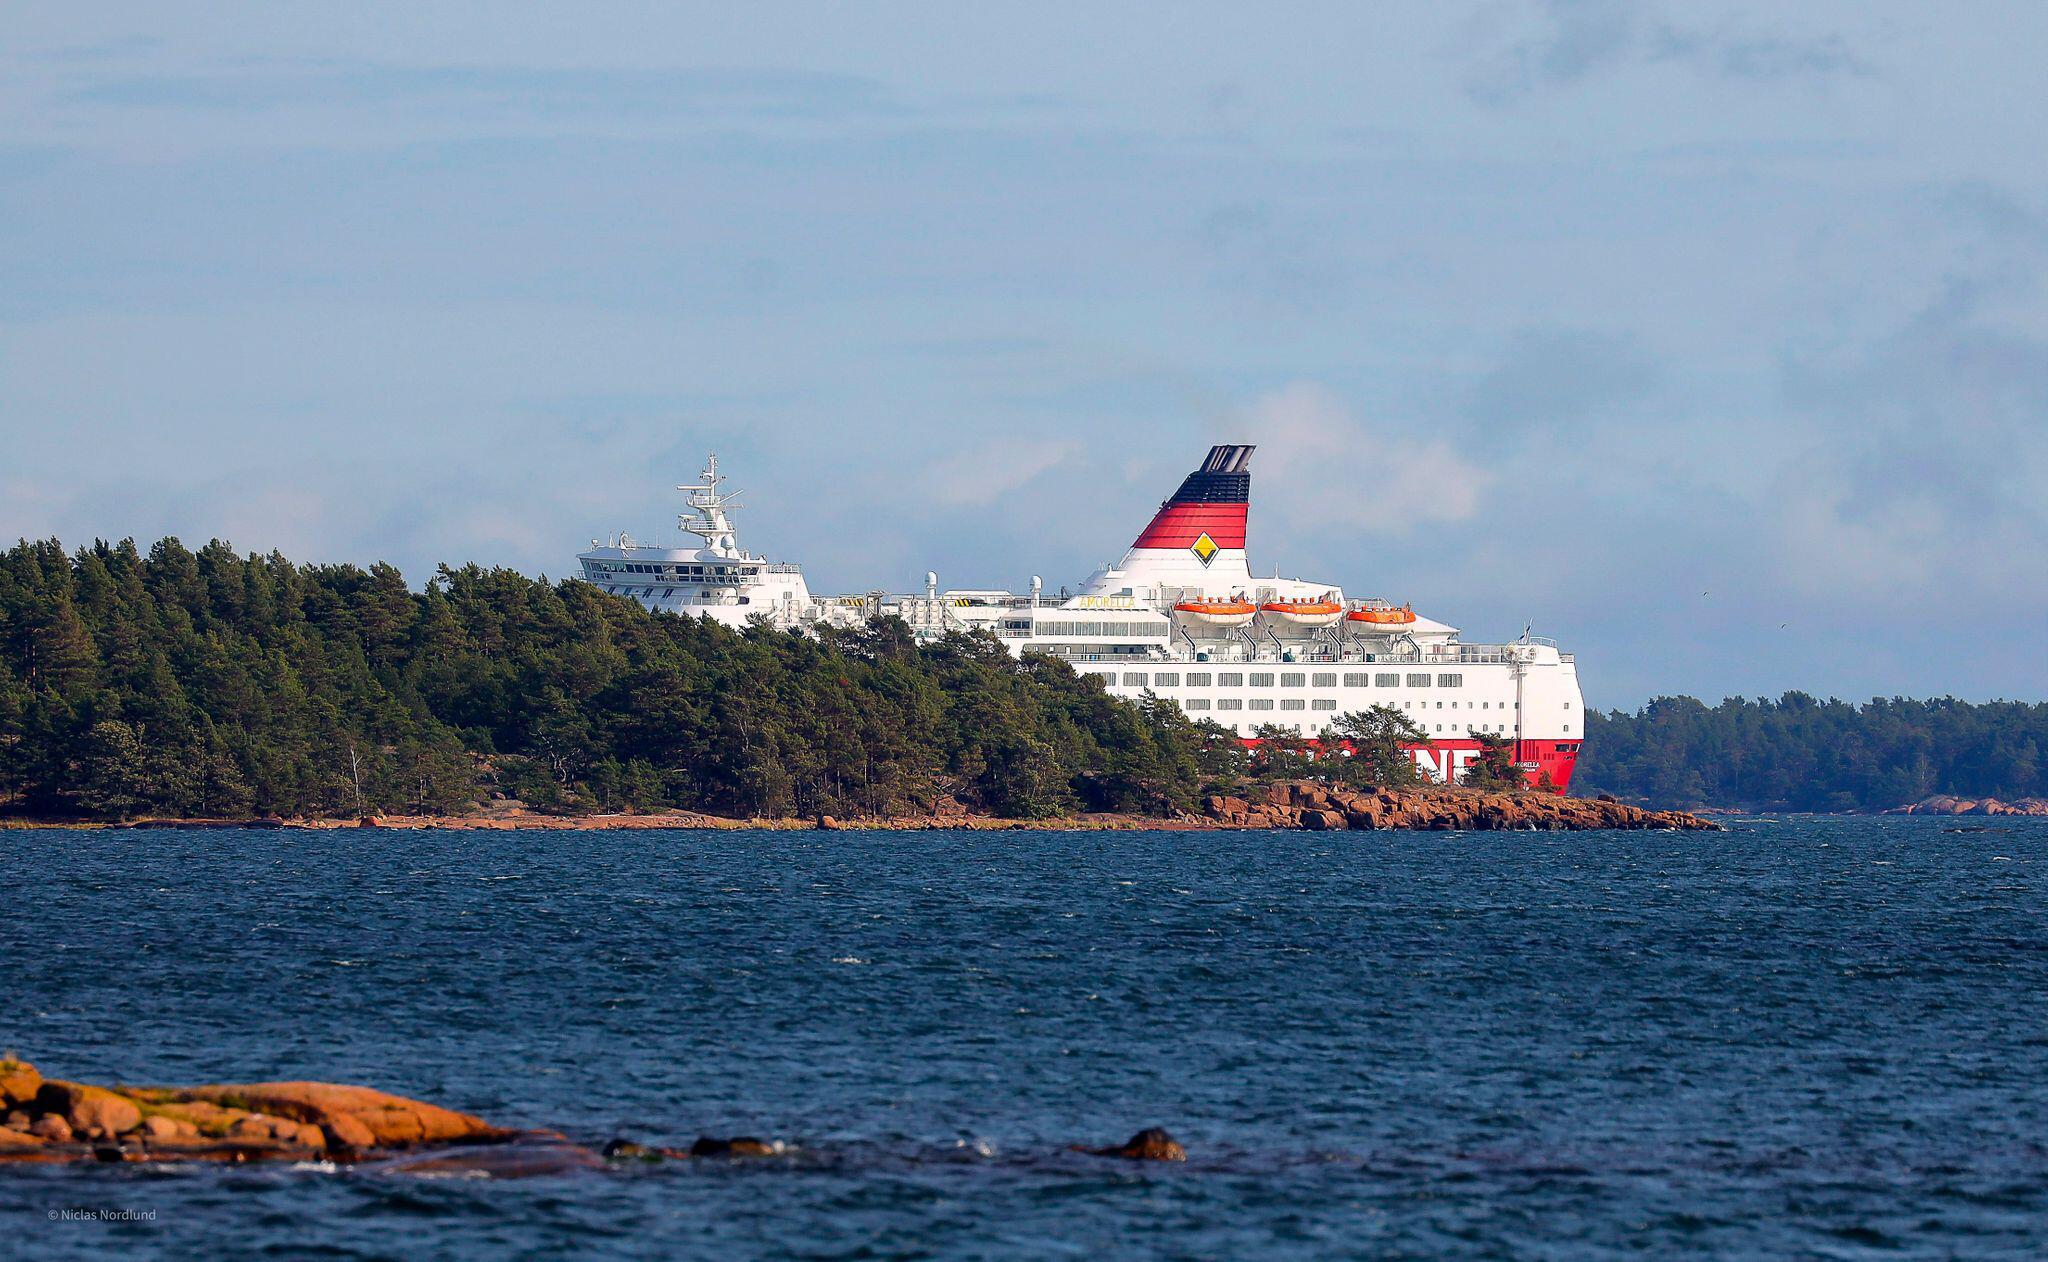 Finnland-Fähre in Ostsee auf Grund gelaufen